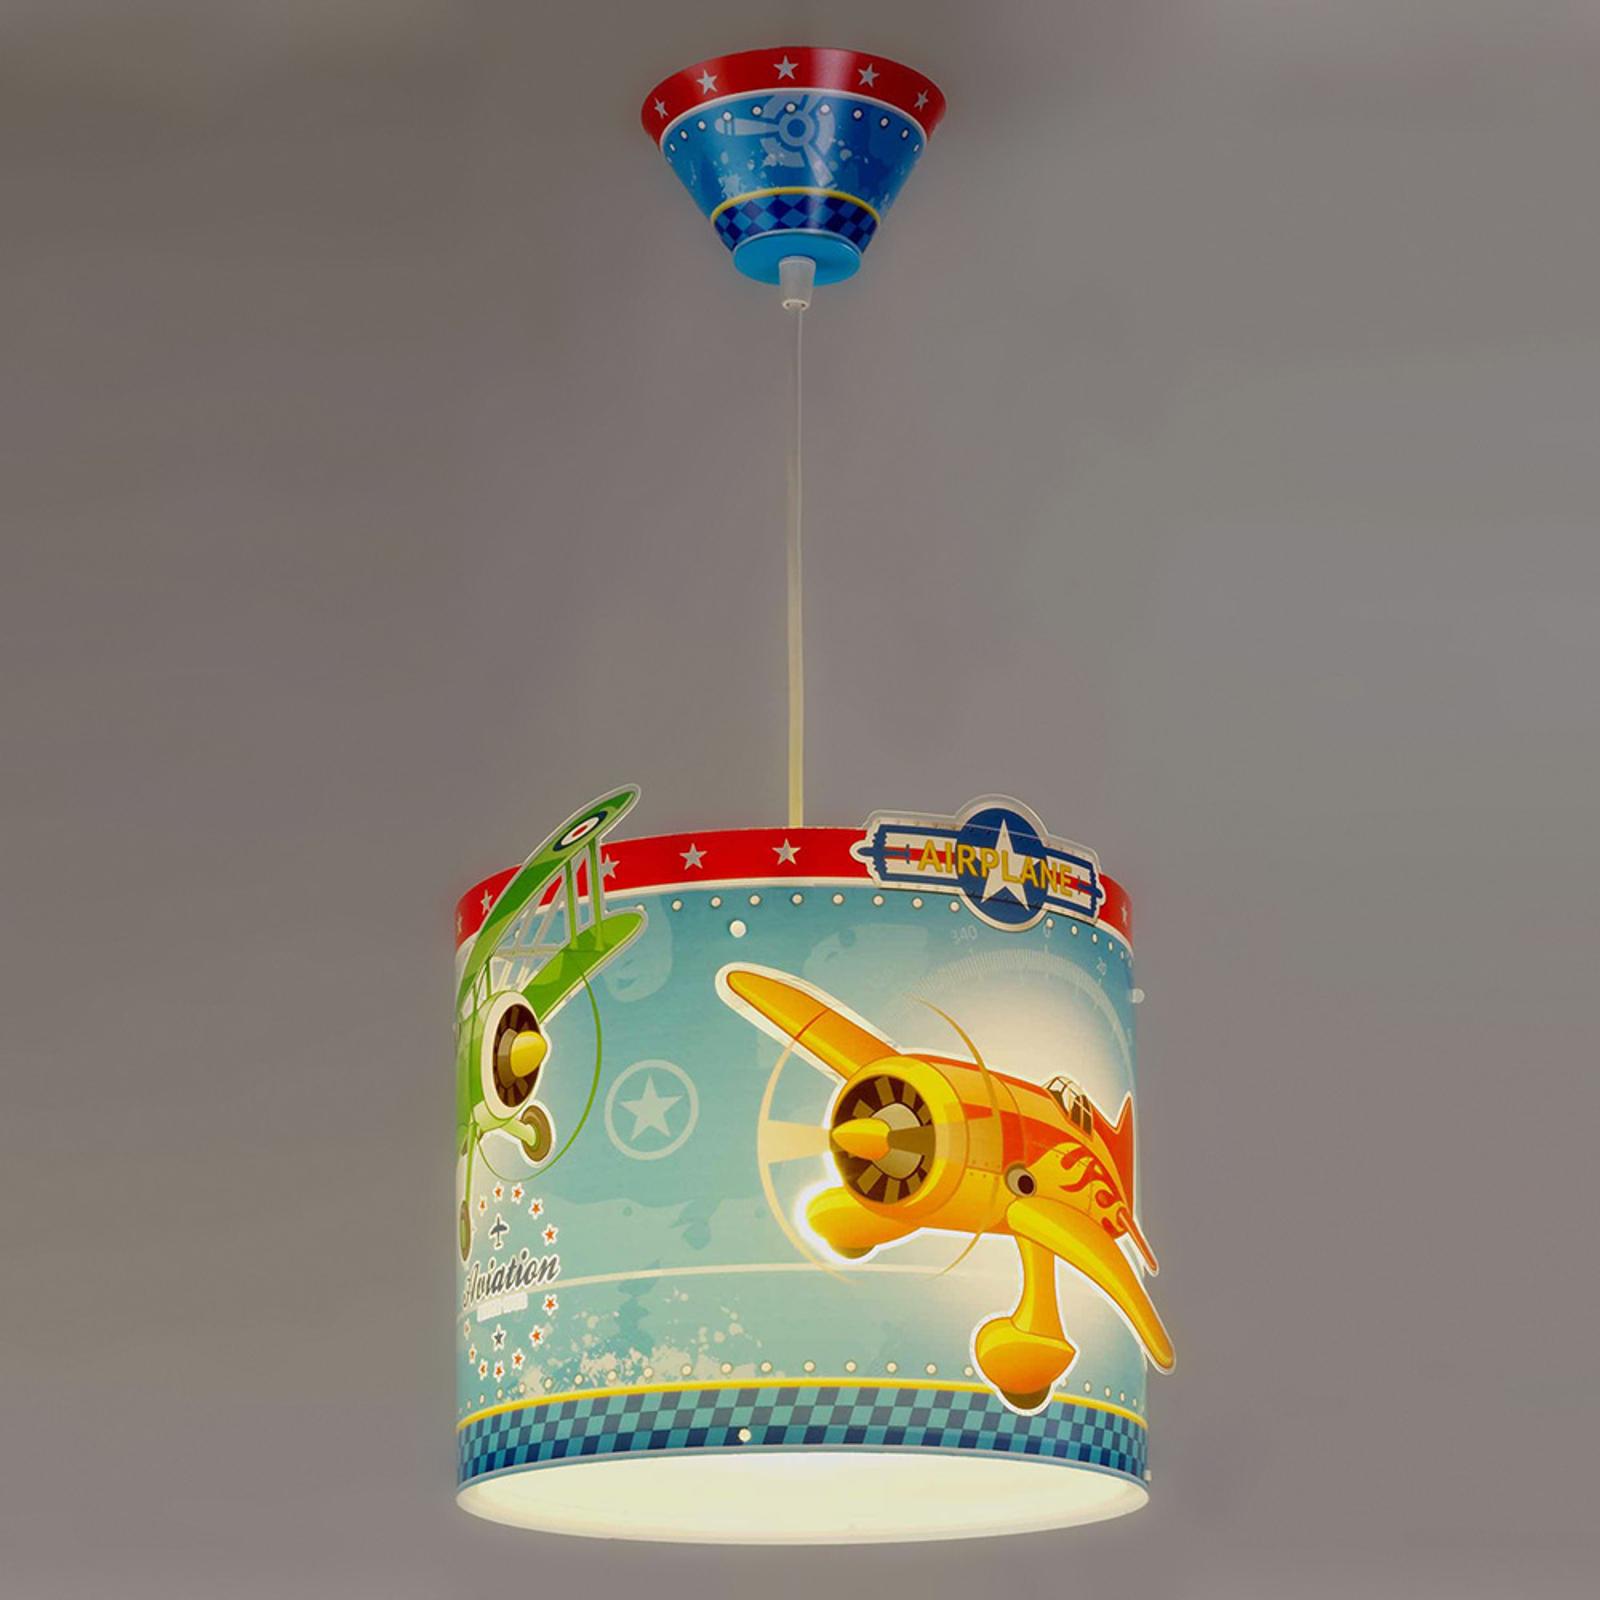 Airplane - lampada a sospensione con aerei